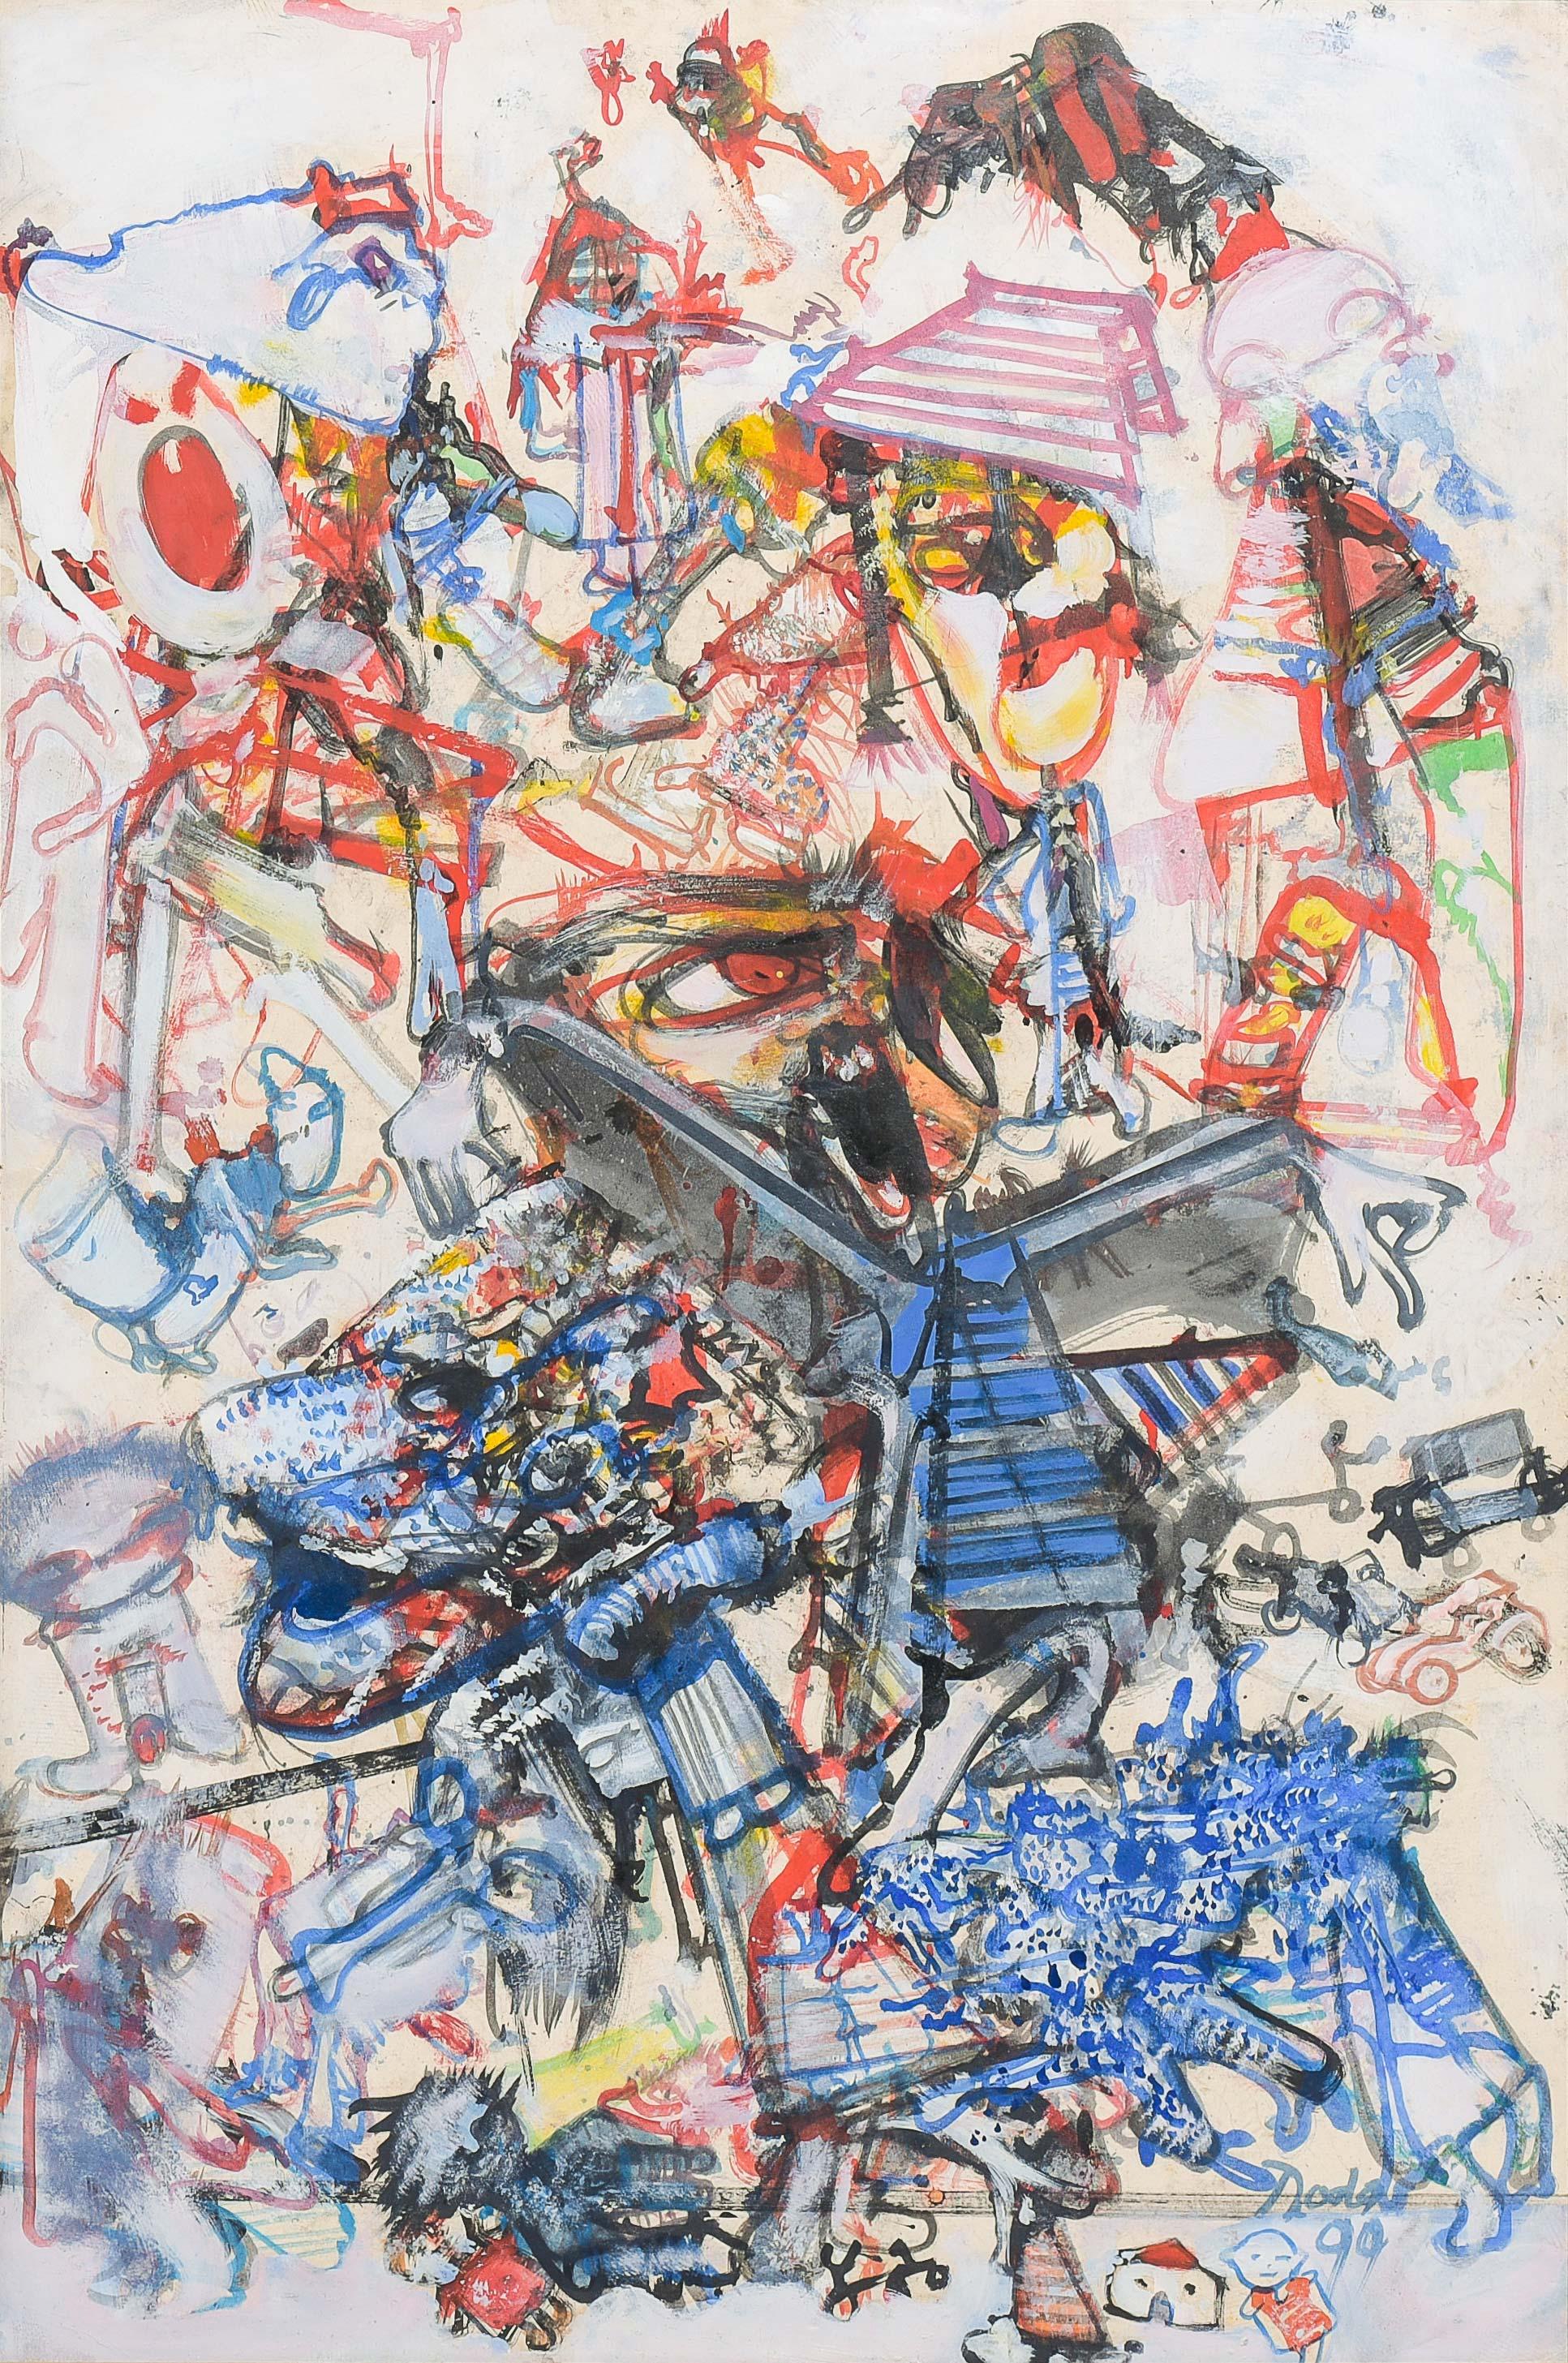 Dado: Untitled, 1999 (recto)